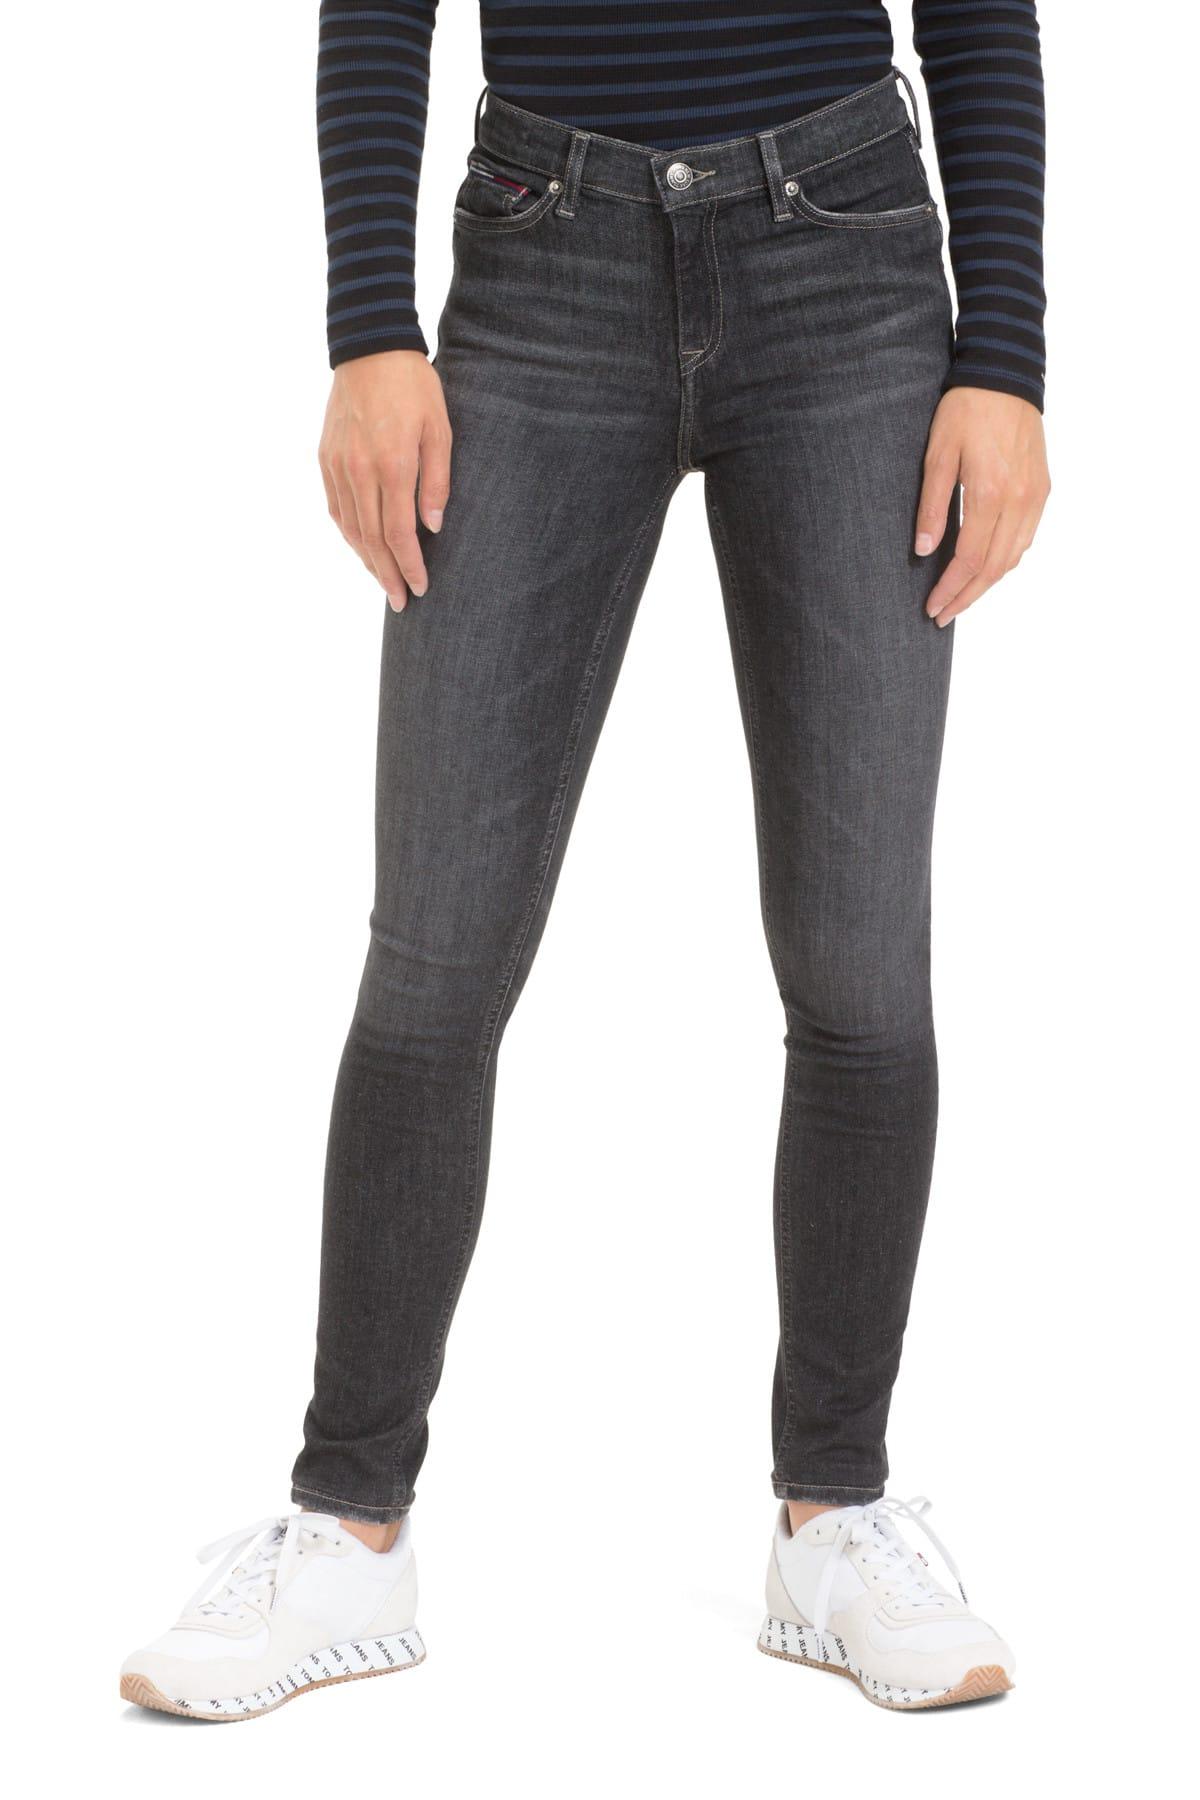 Kadın Denim Jeans Mıd Rıse Skınny Nora Skyg DW0DW05530